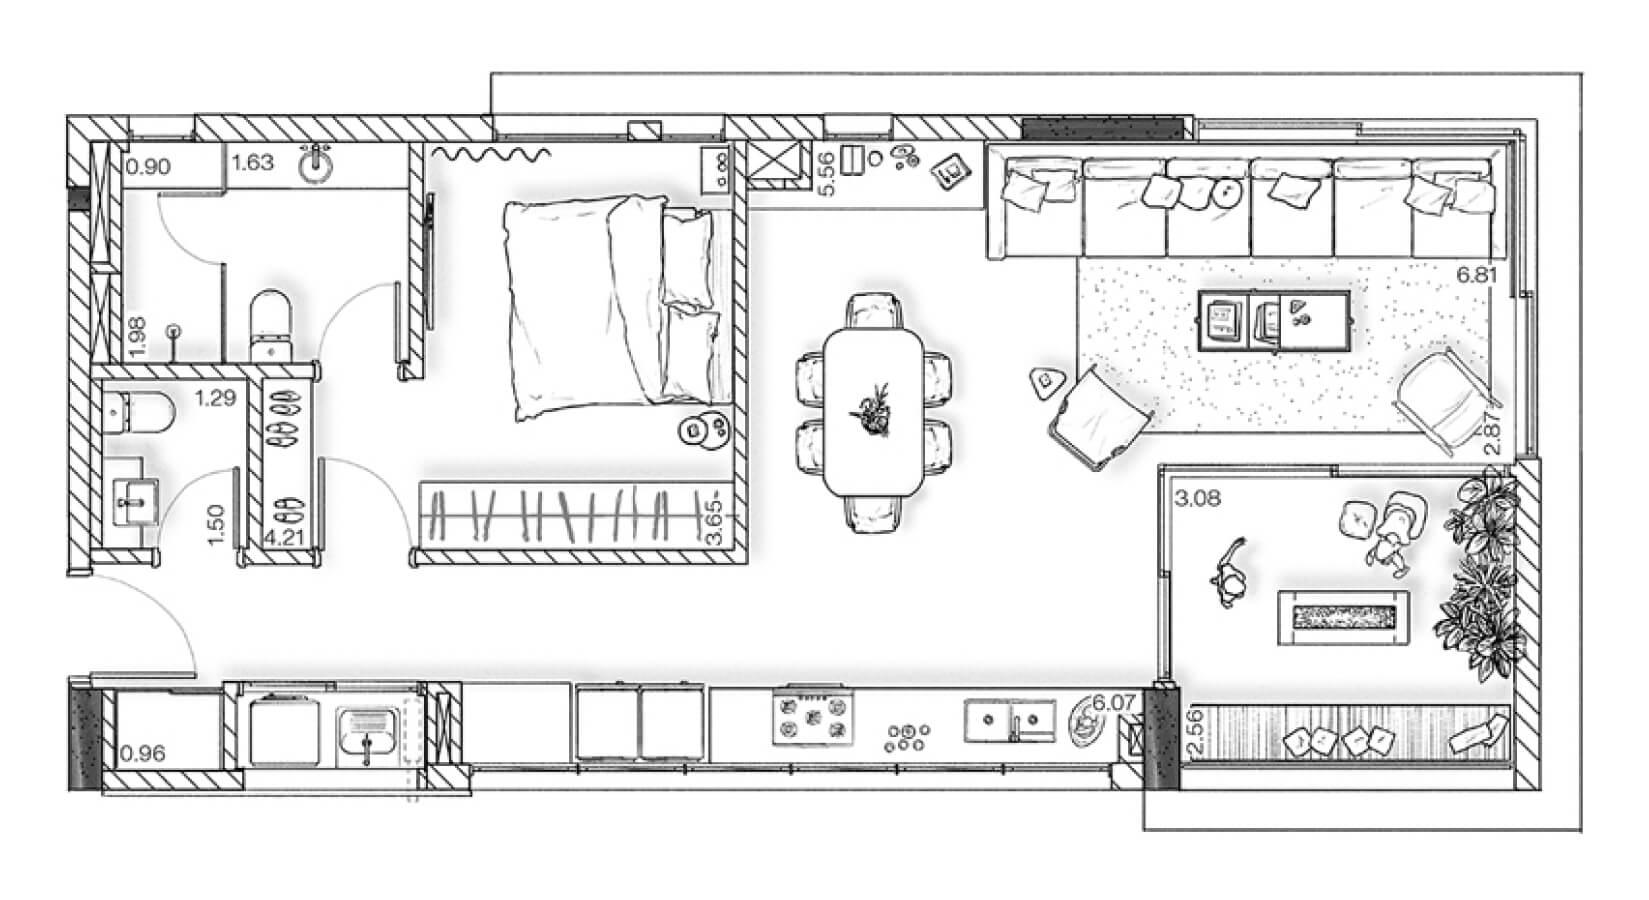 Planta - Apartamento 84 m²